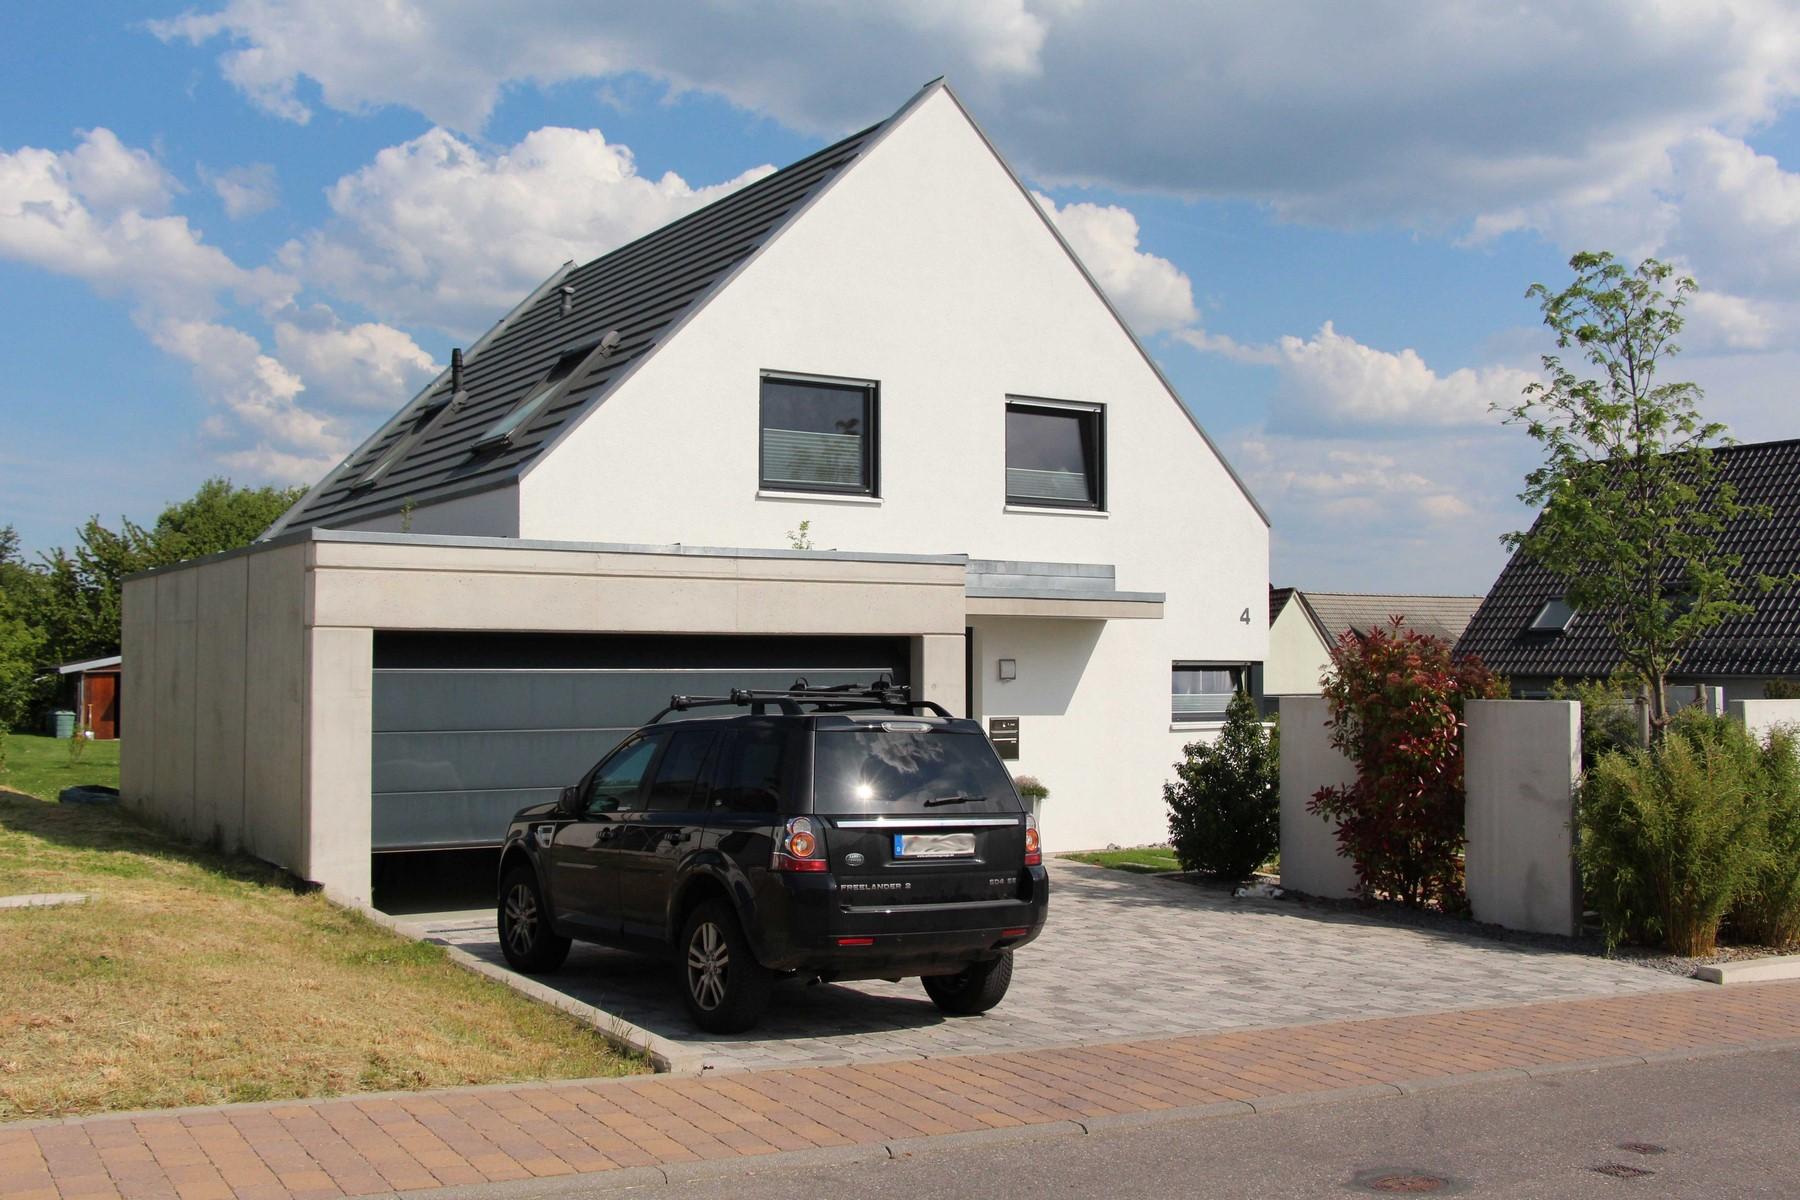 Einfamilienhaus mit doppelgarage  Joachim-Kuenzel | Neubau · Umbau · Ausbau · Sanierung